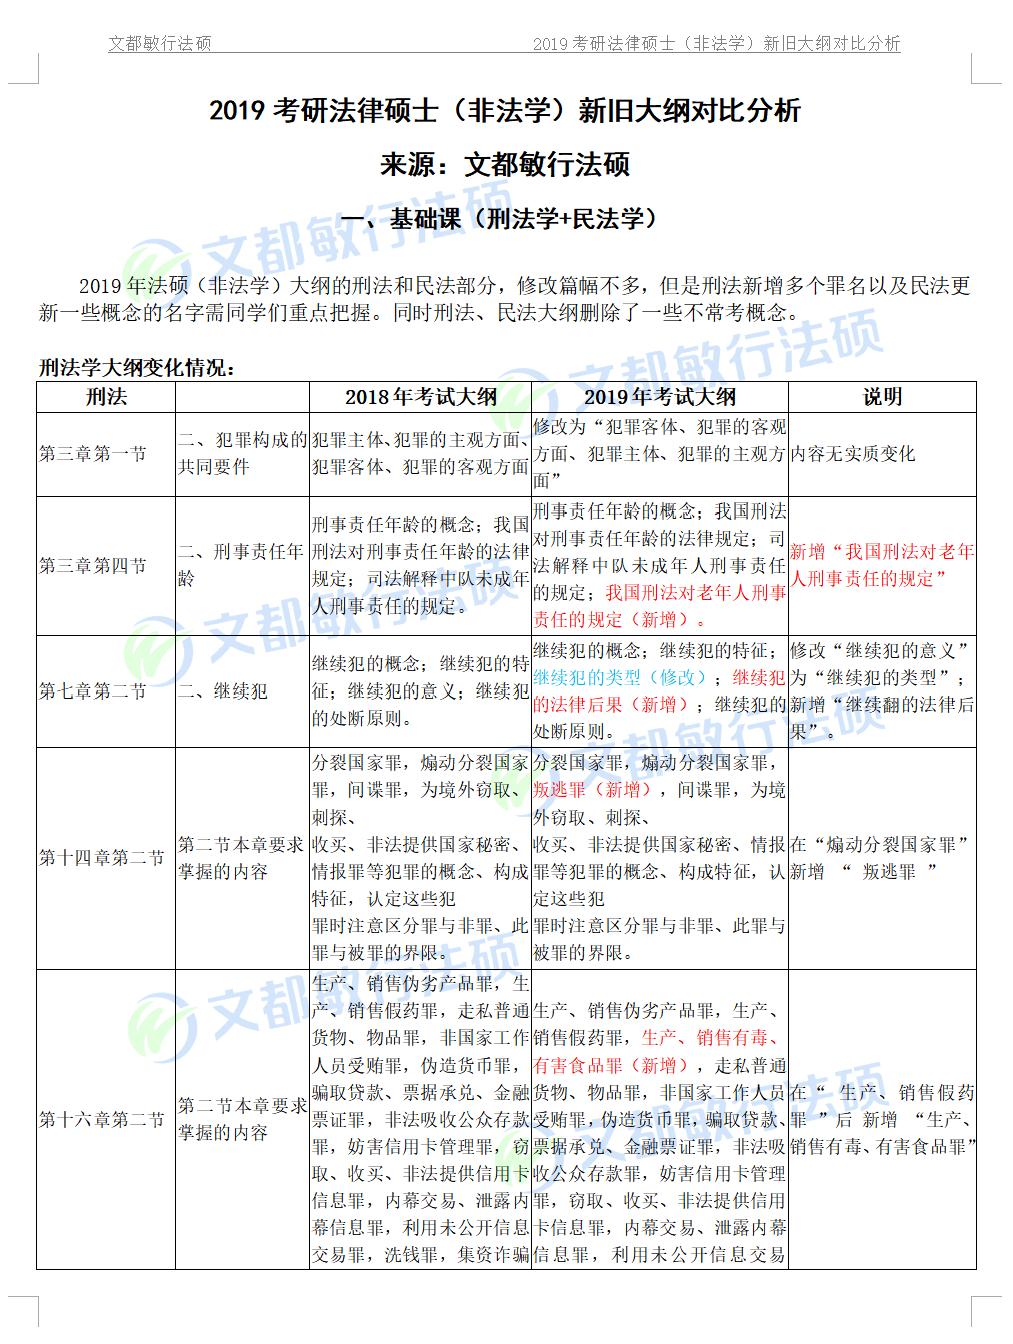 文都敏行法硕2019考研法律硕士(非法学)新旧大纲对比分析